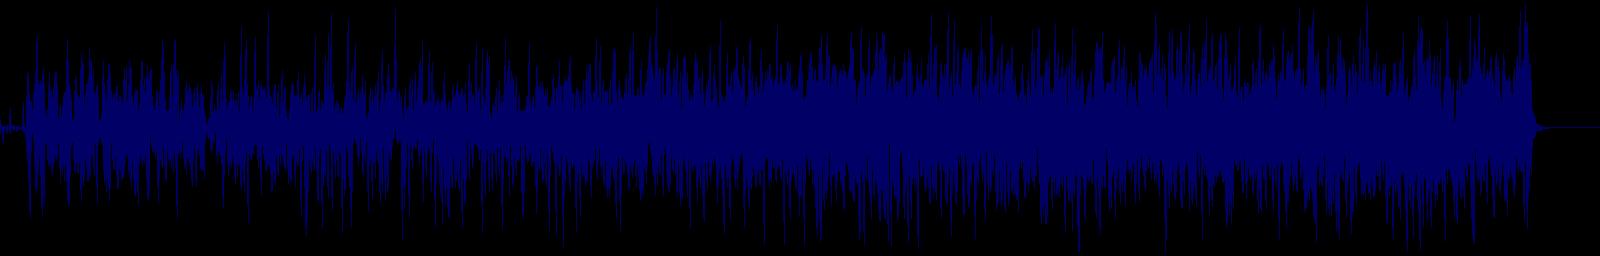 waveform of track #150629